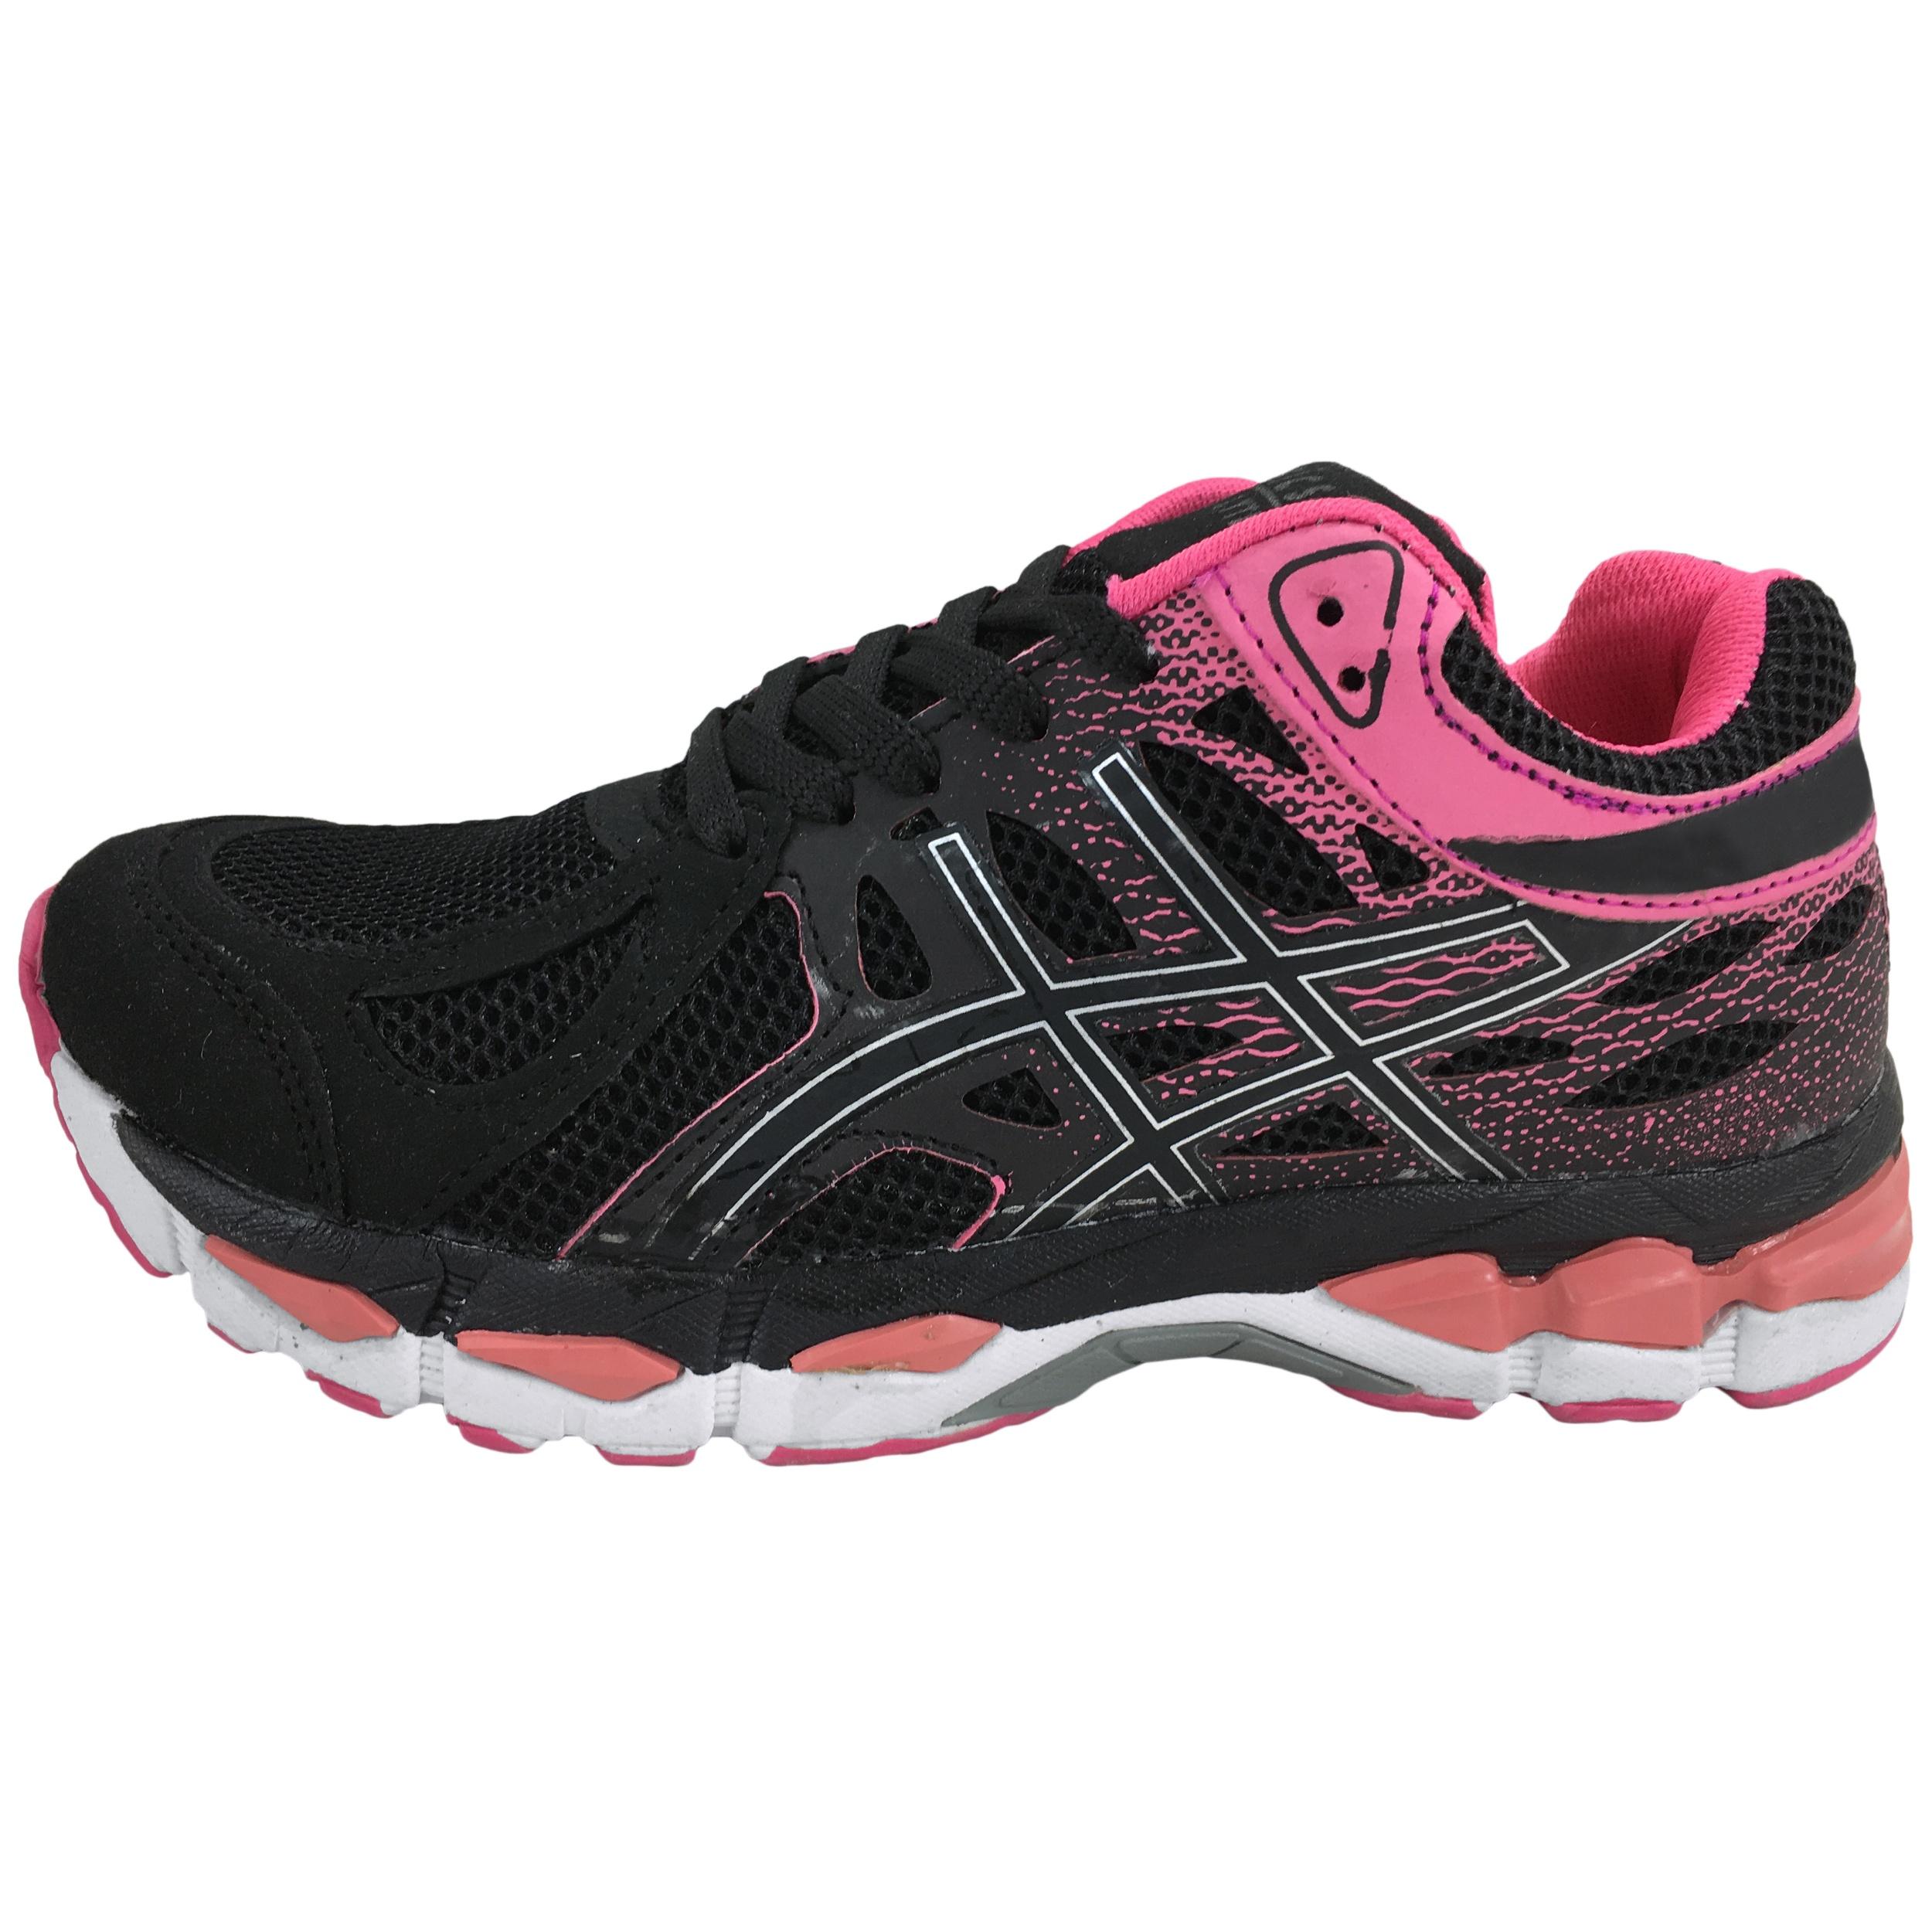 کفش مخصوص پیاده روی زنانه مدل فانکشن کد A148